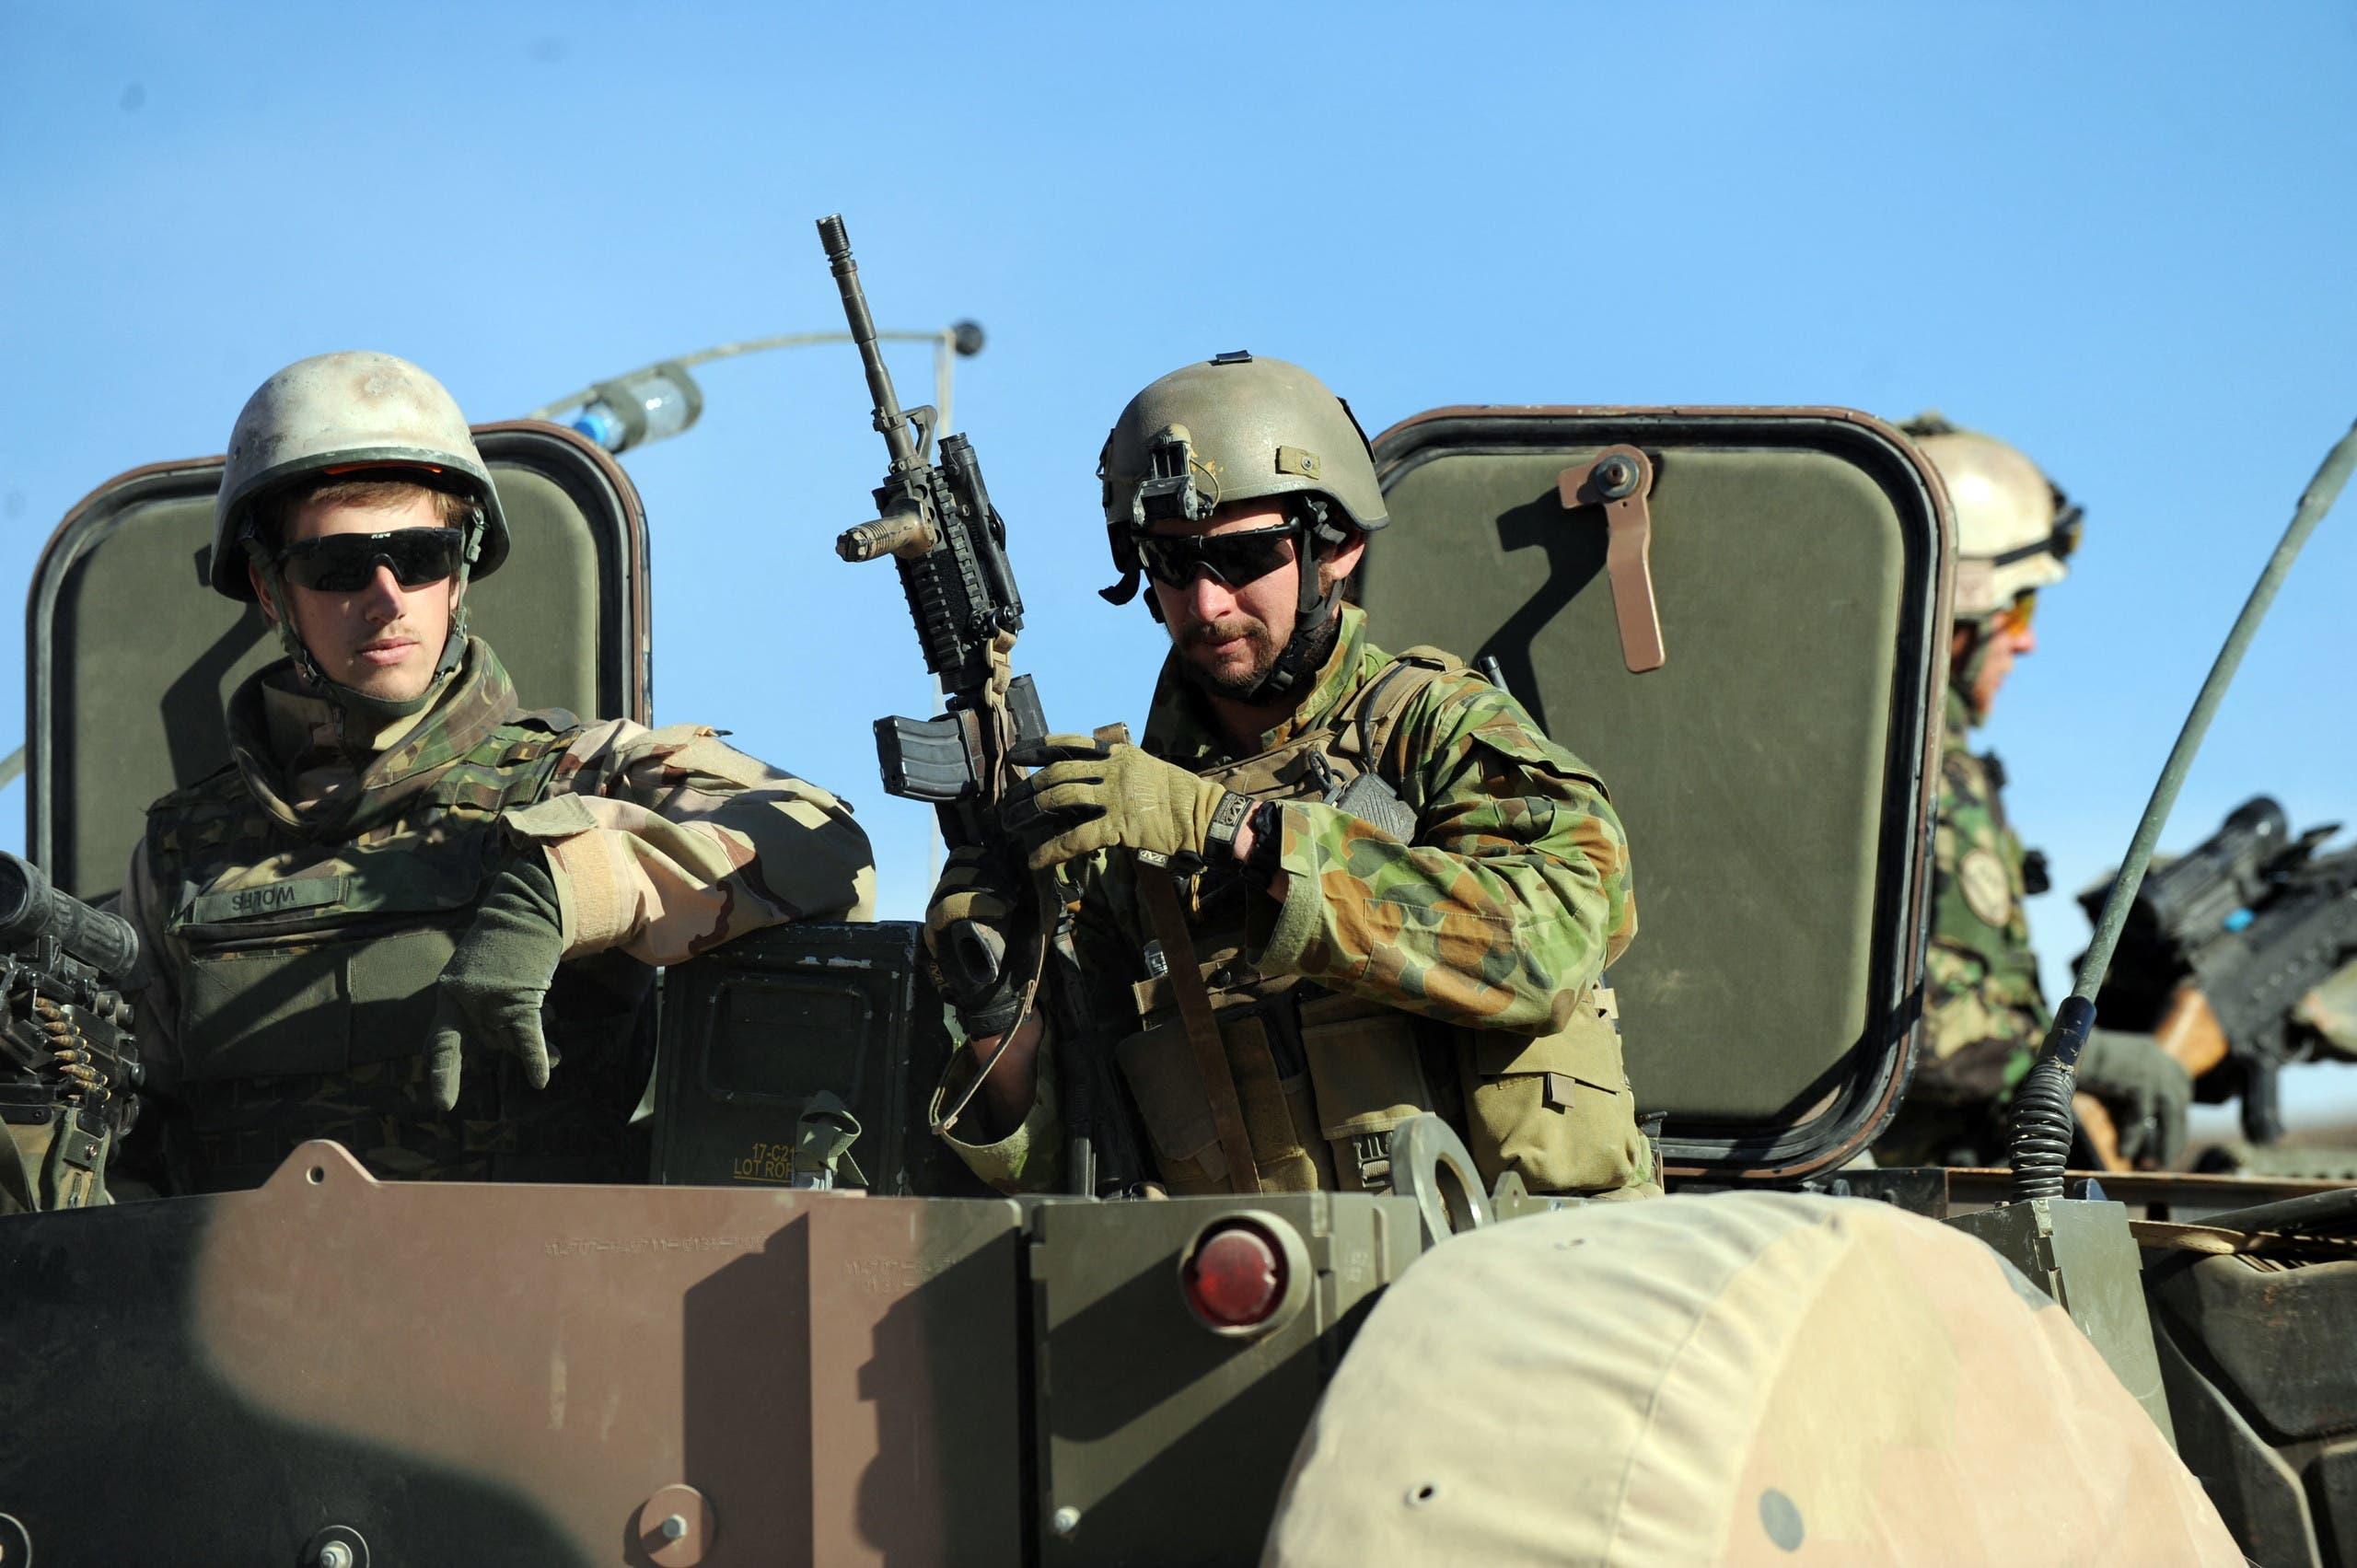 جنود أستراليون ضمن قوات الناتو في أفغانستان (أرشيفية)